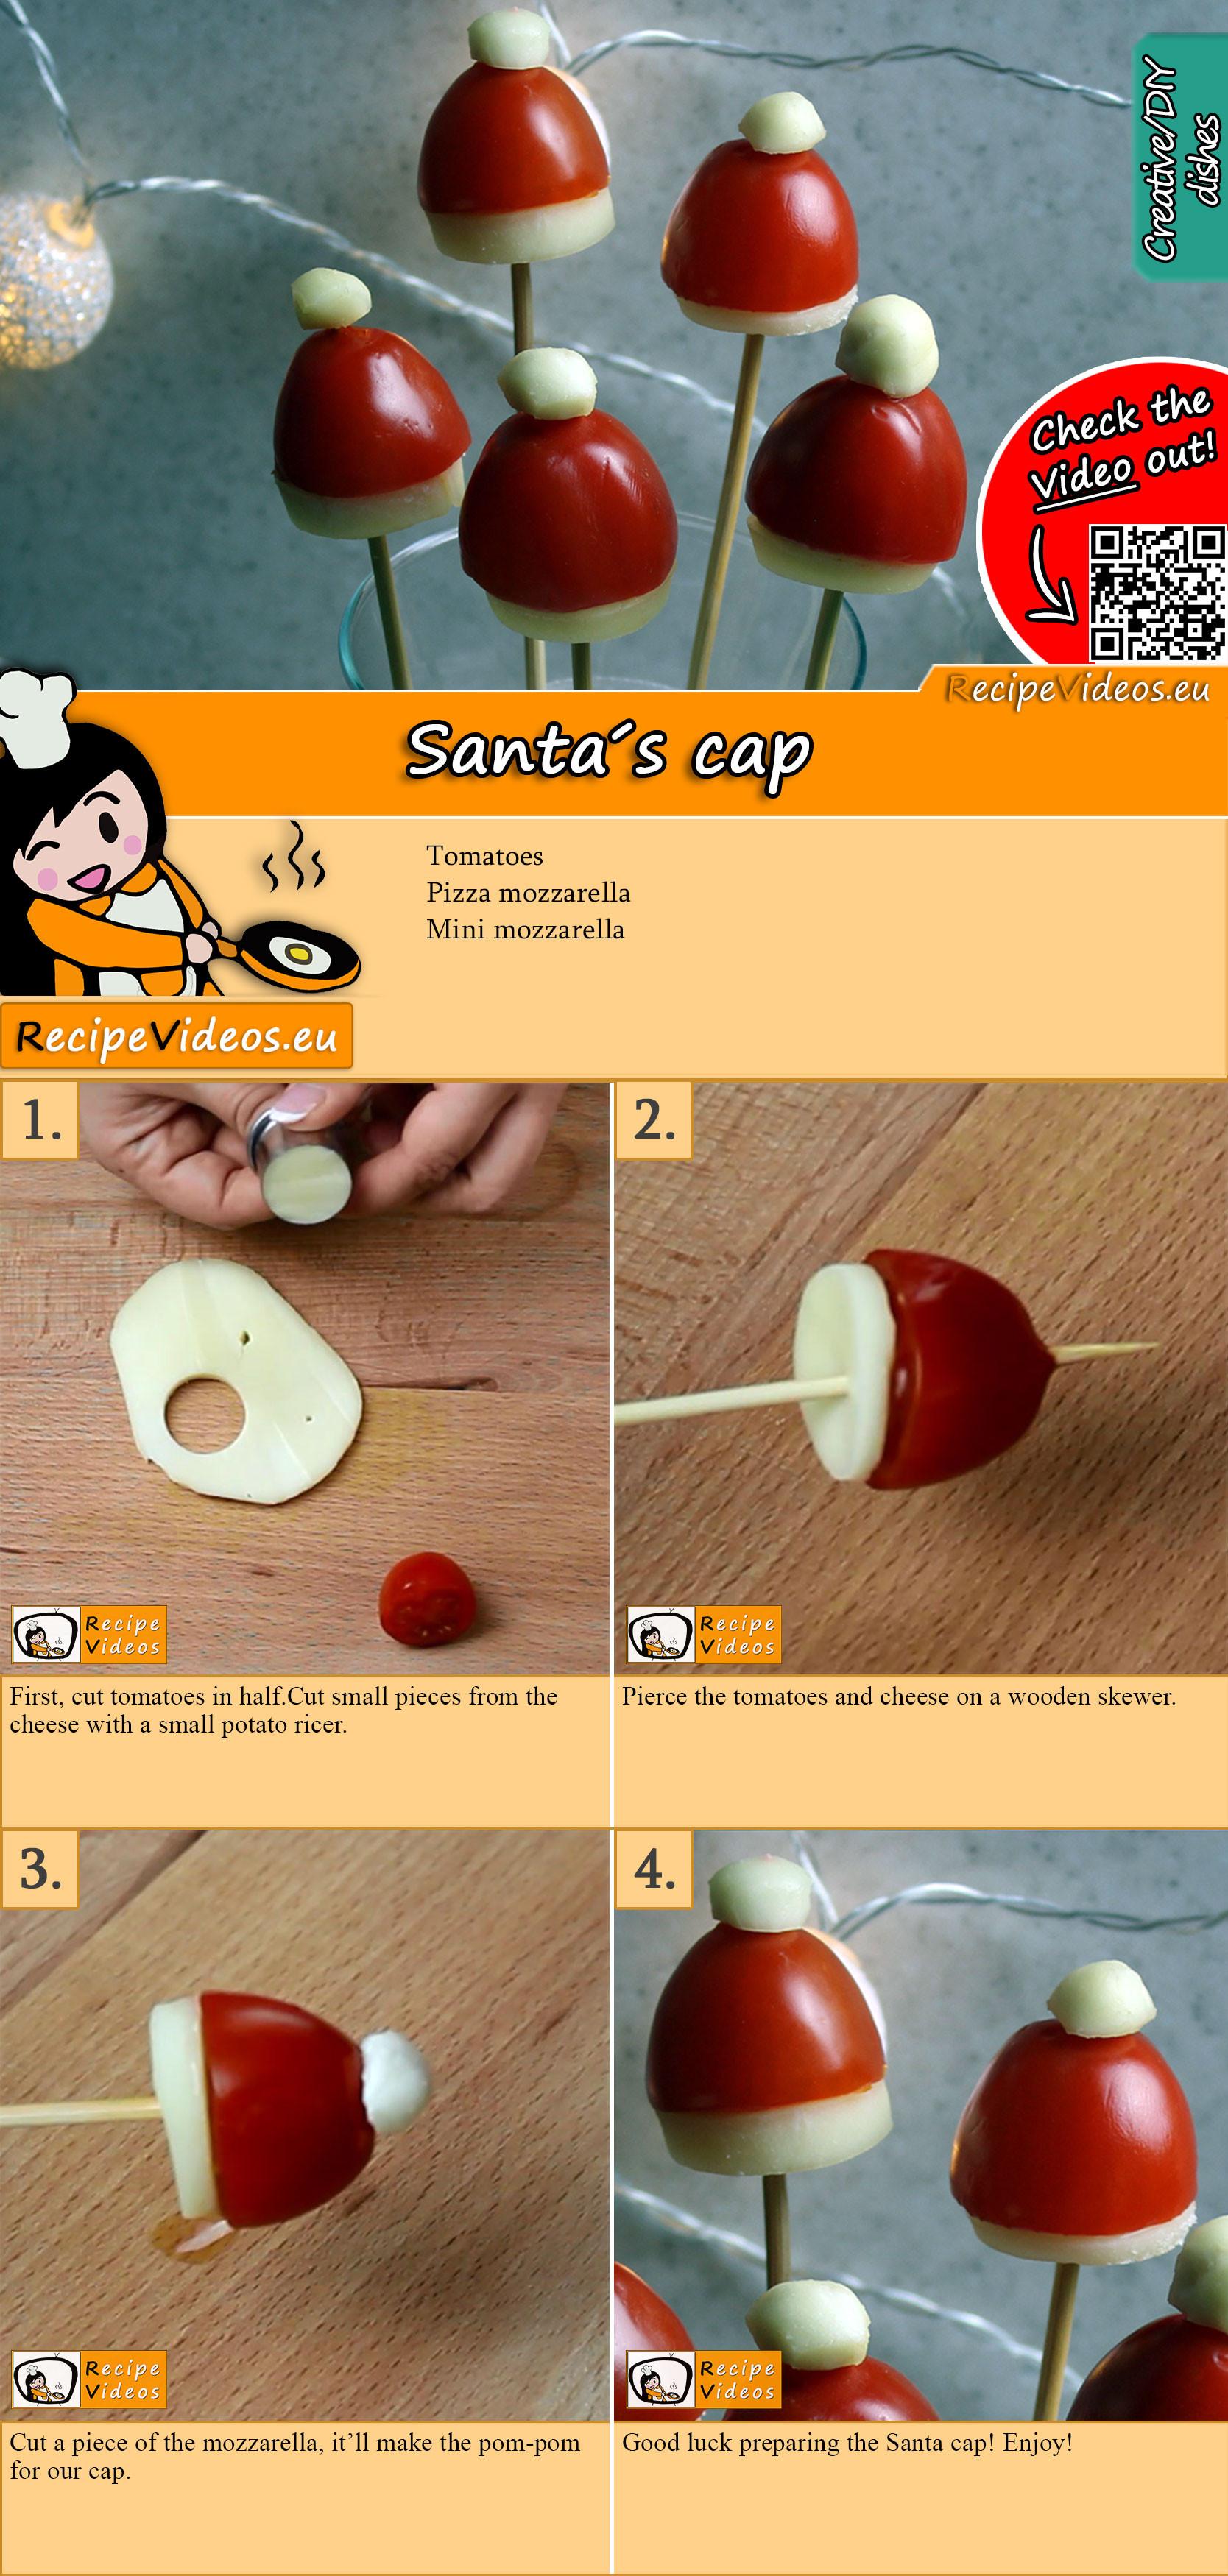 Santa cap recipe with video